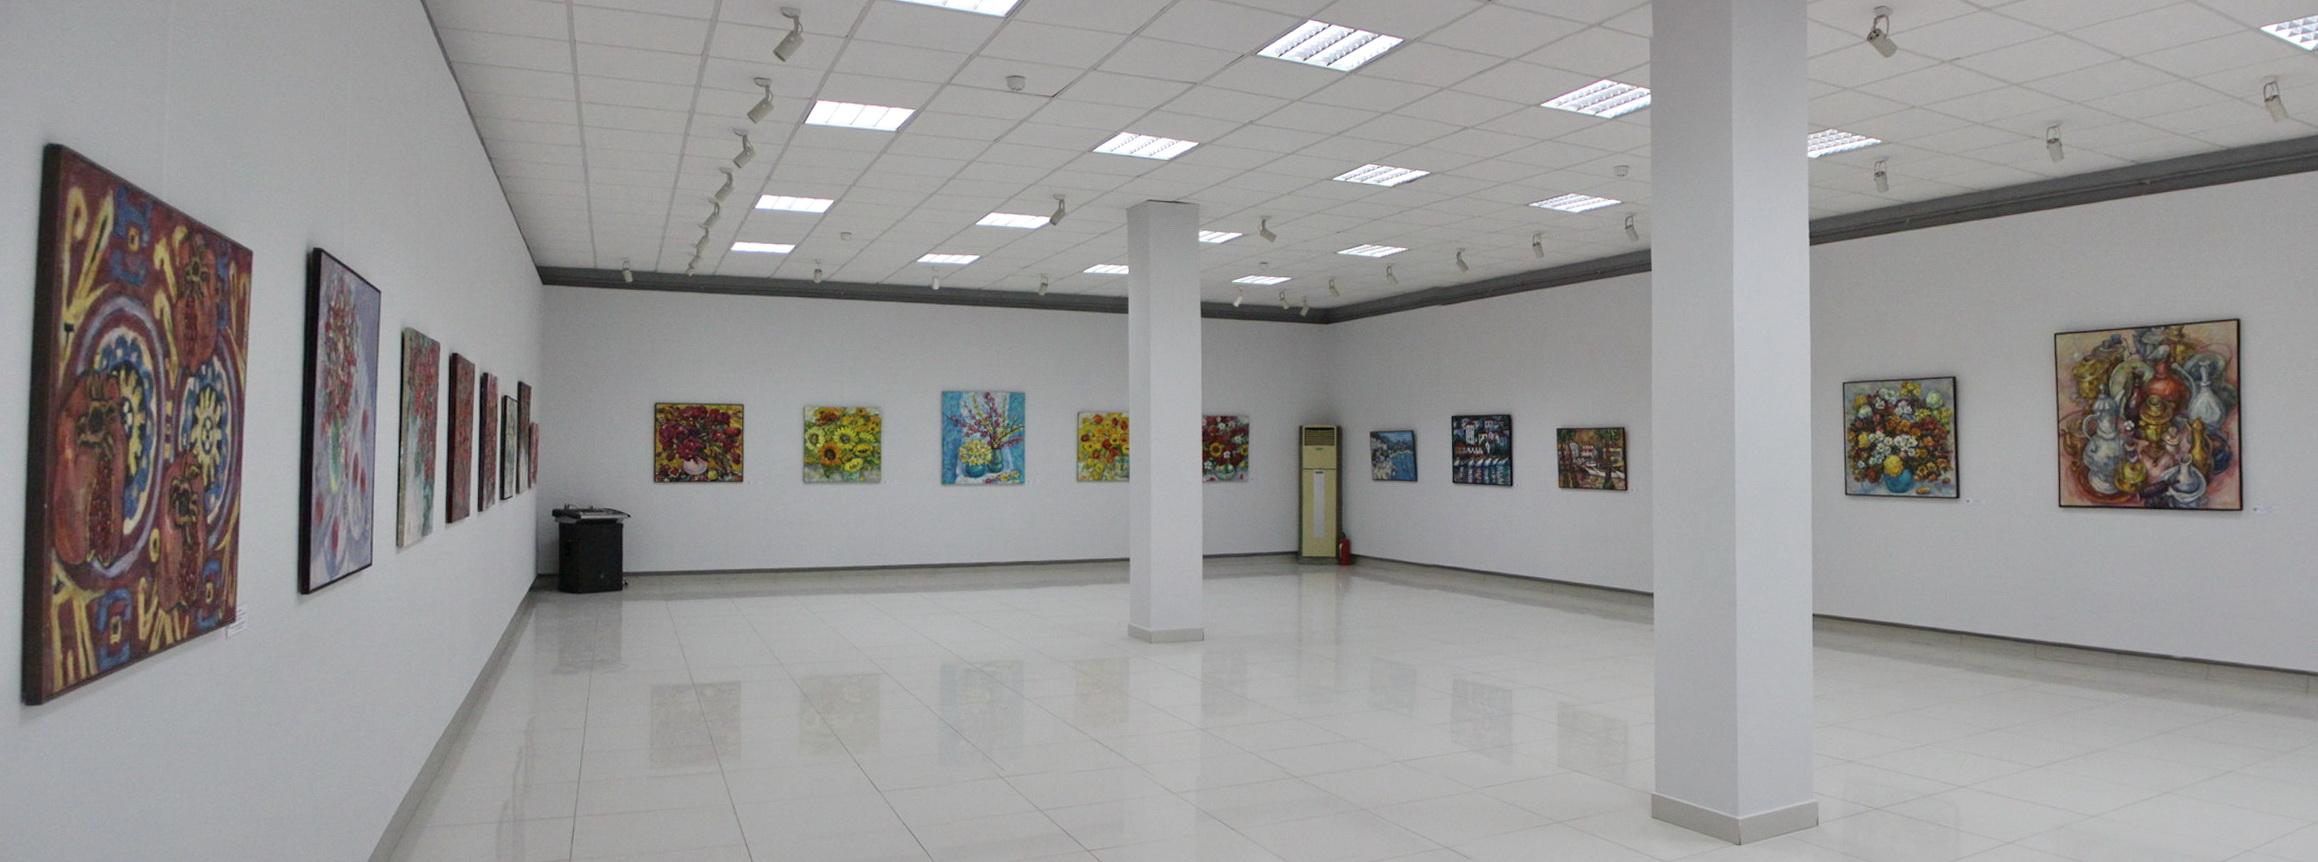 Зал с экспозицией работ Оксаны Залевской.